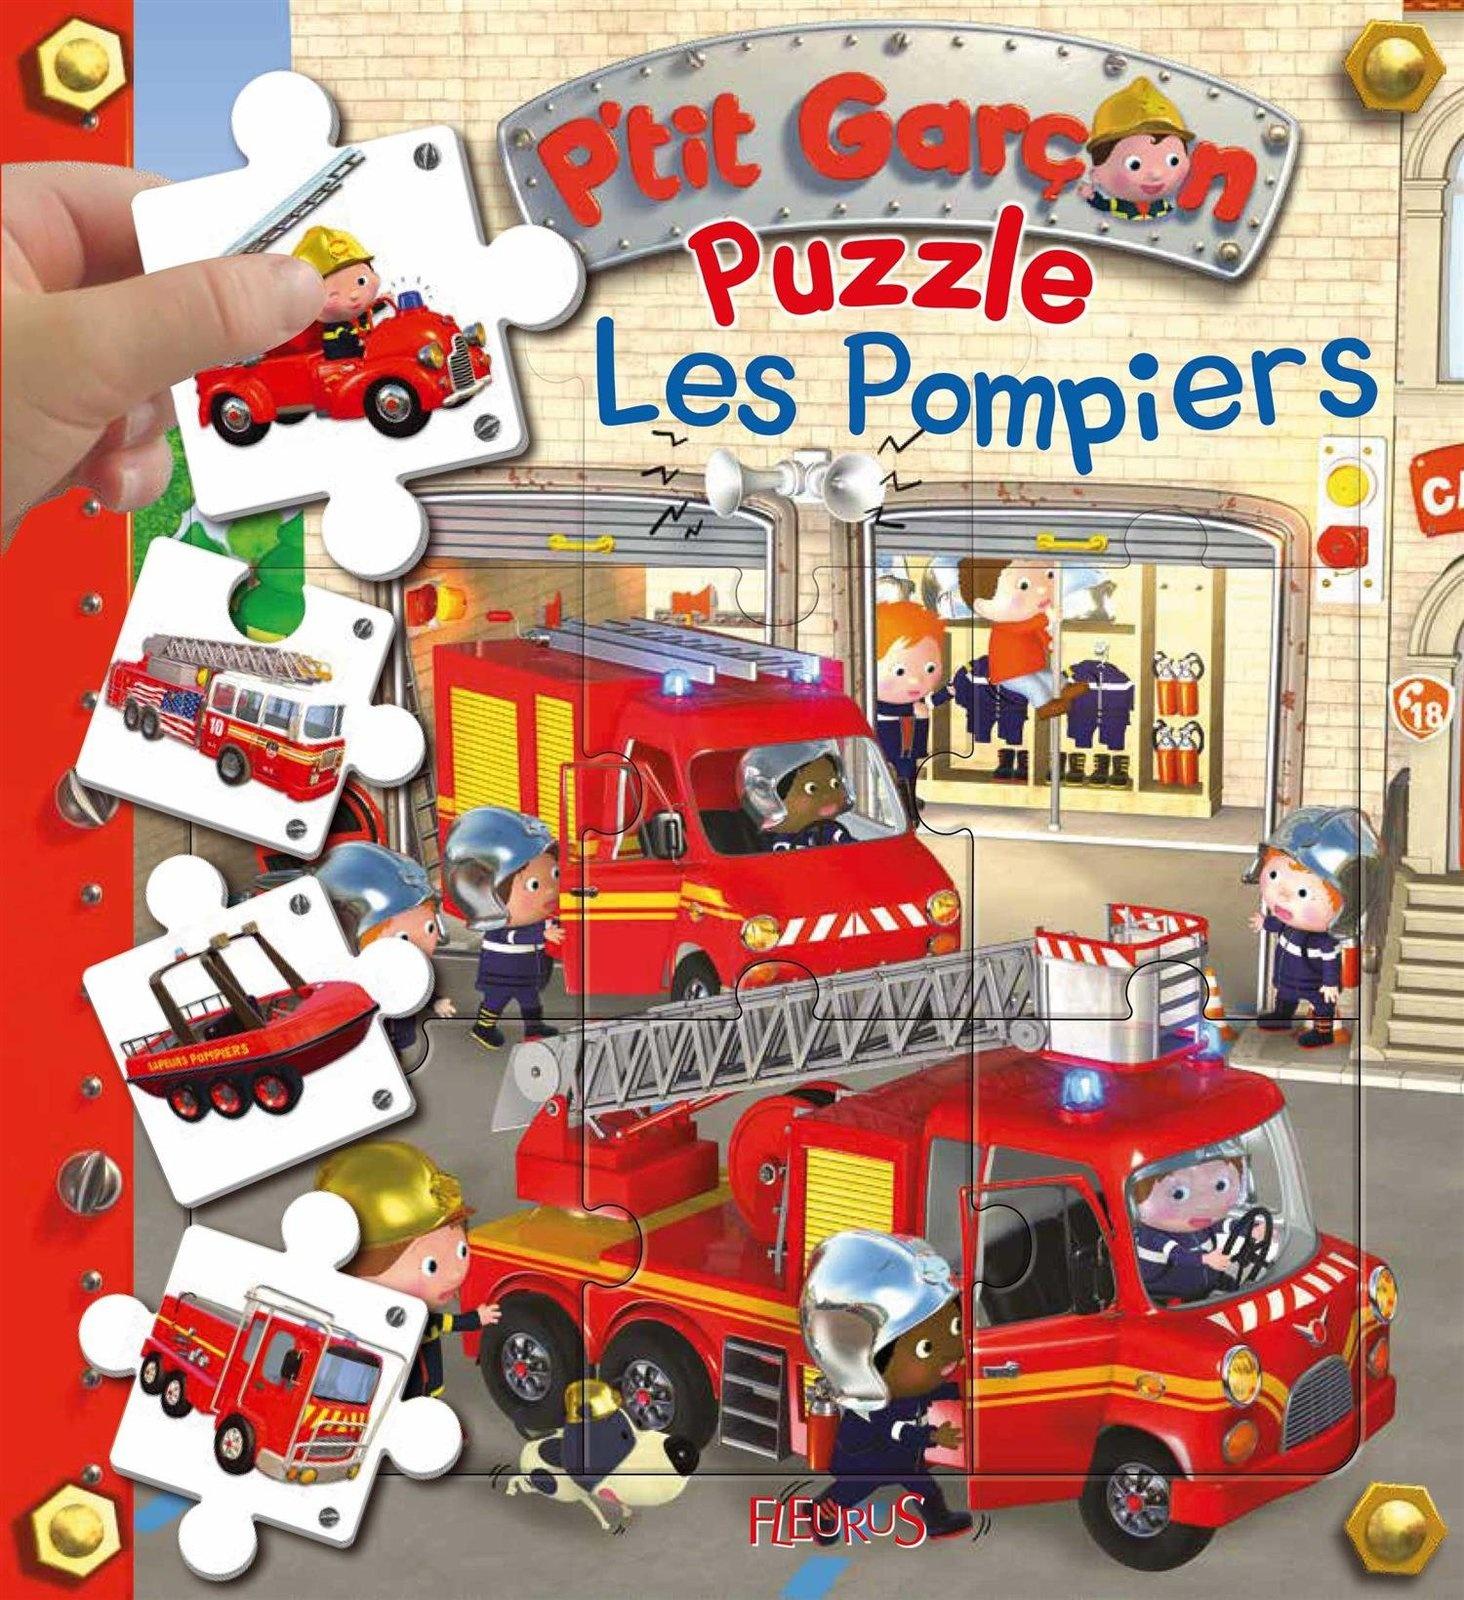 Puzzle Les Pompiers (P'tit Garçon) - Jeux Tu Lis à Jeux De Petit Garçon De 3 Ans